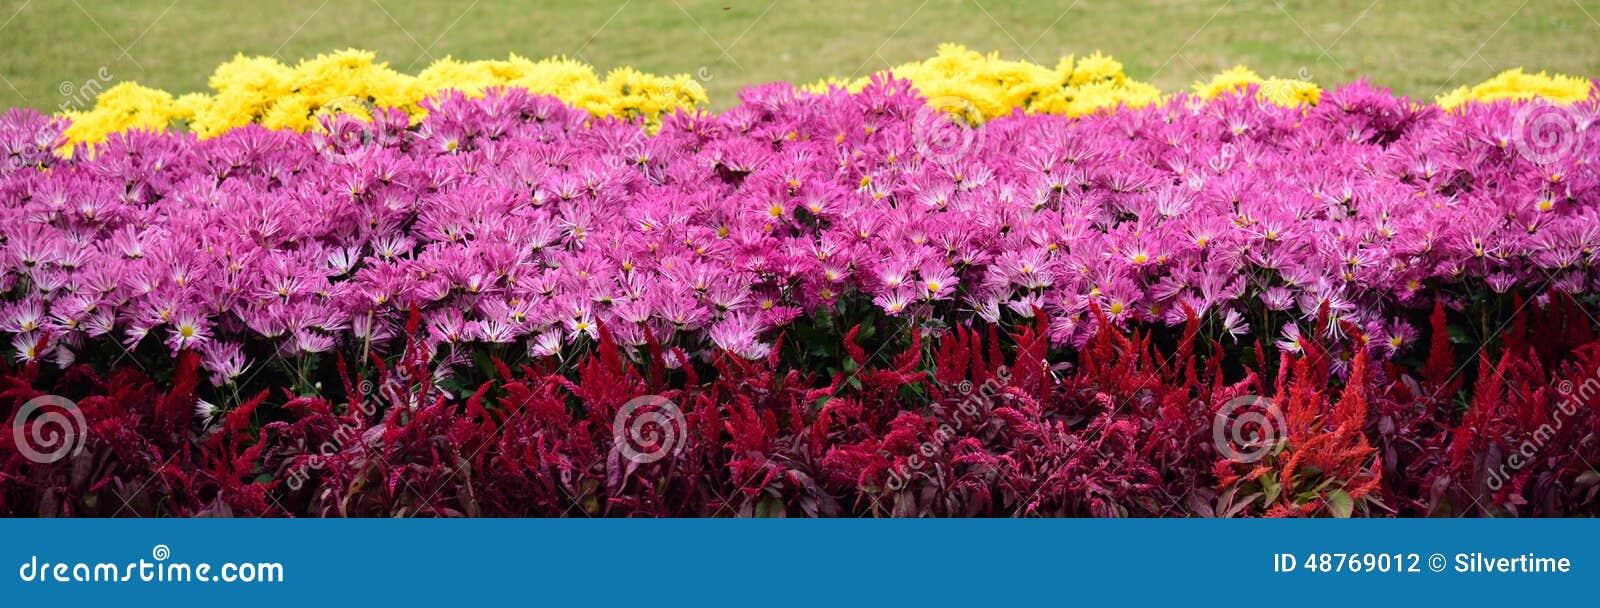 Schöne Blumen Im Garten Stockfoto - Bild: 48769012